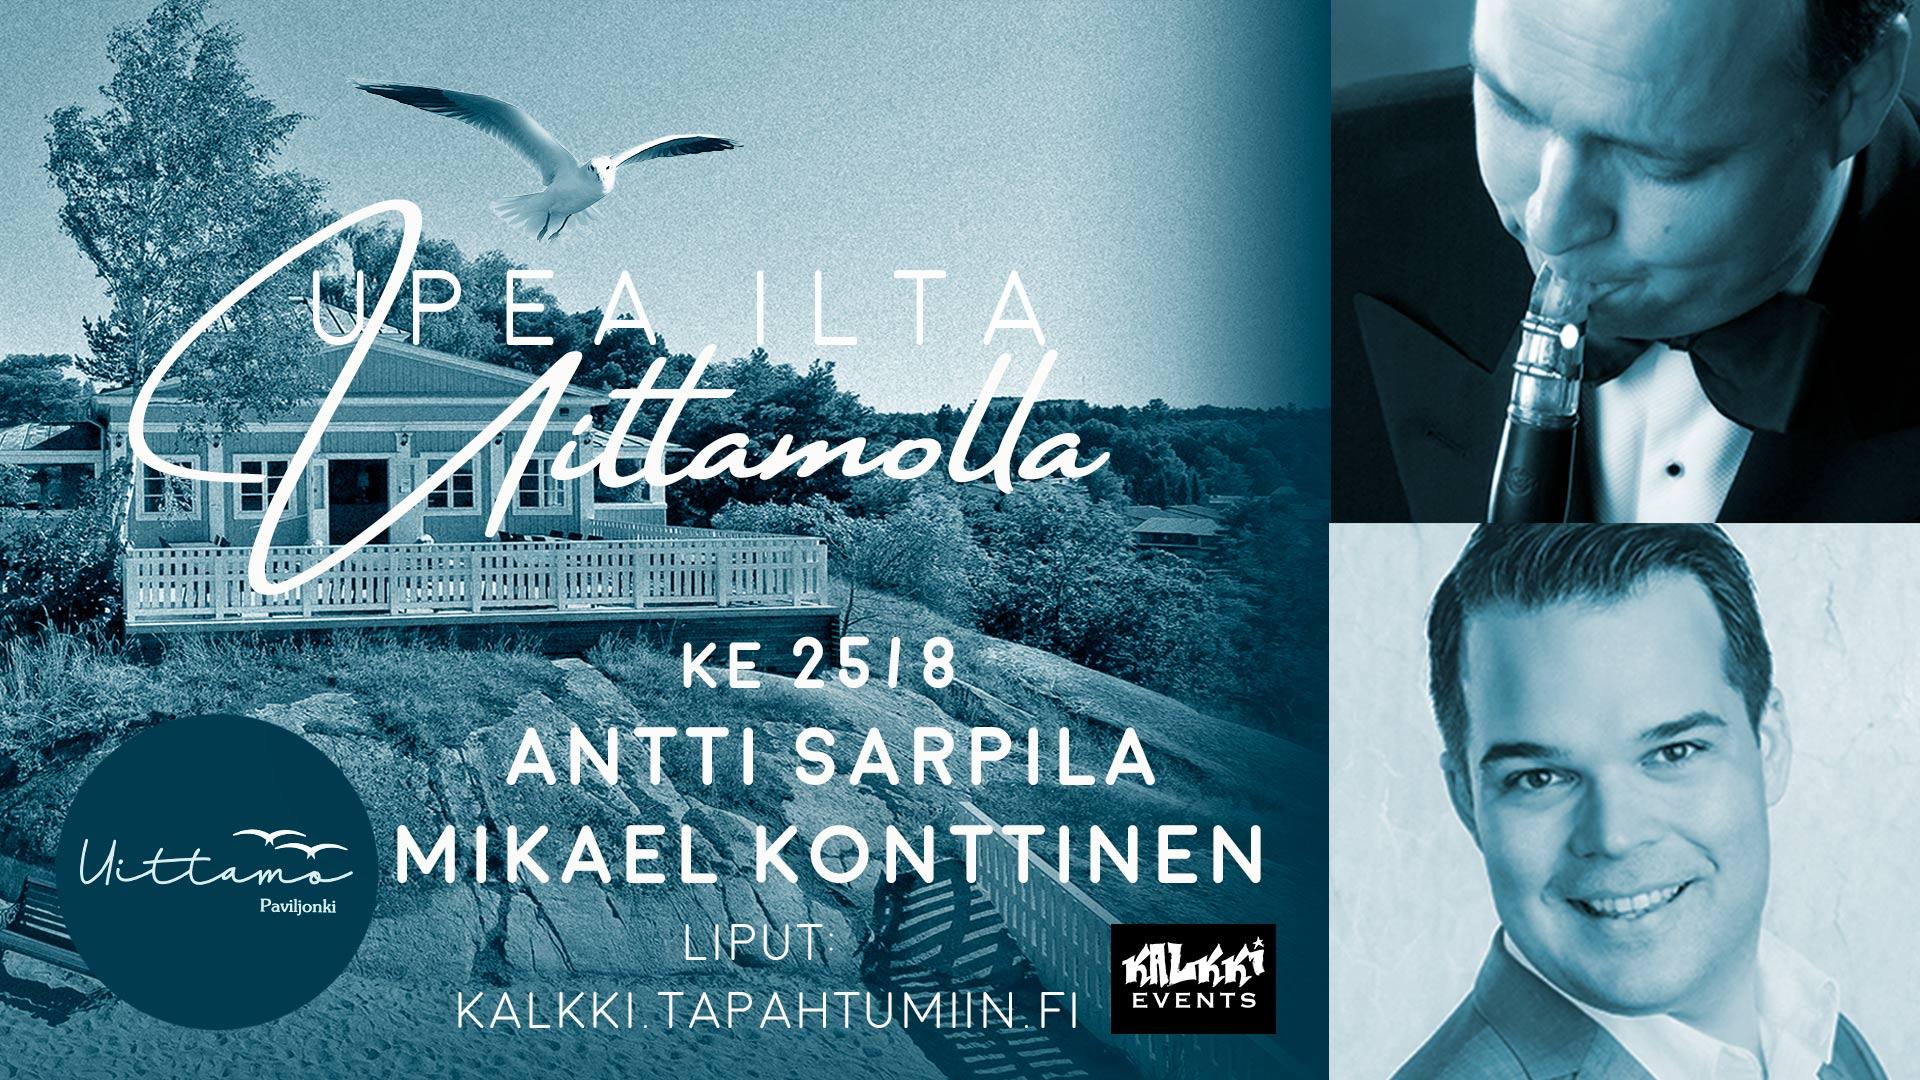 Upea ilta Uittamolla:  Antti Sarpila & Mikael Konttinen